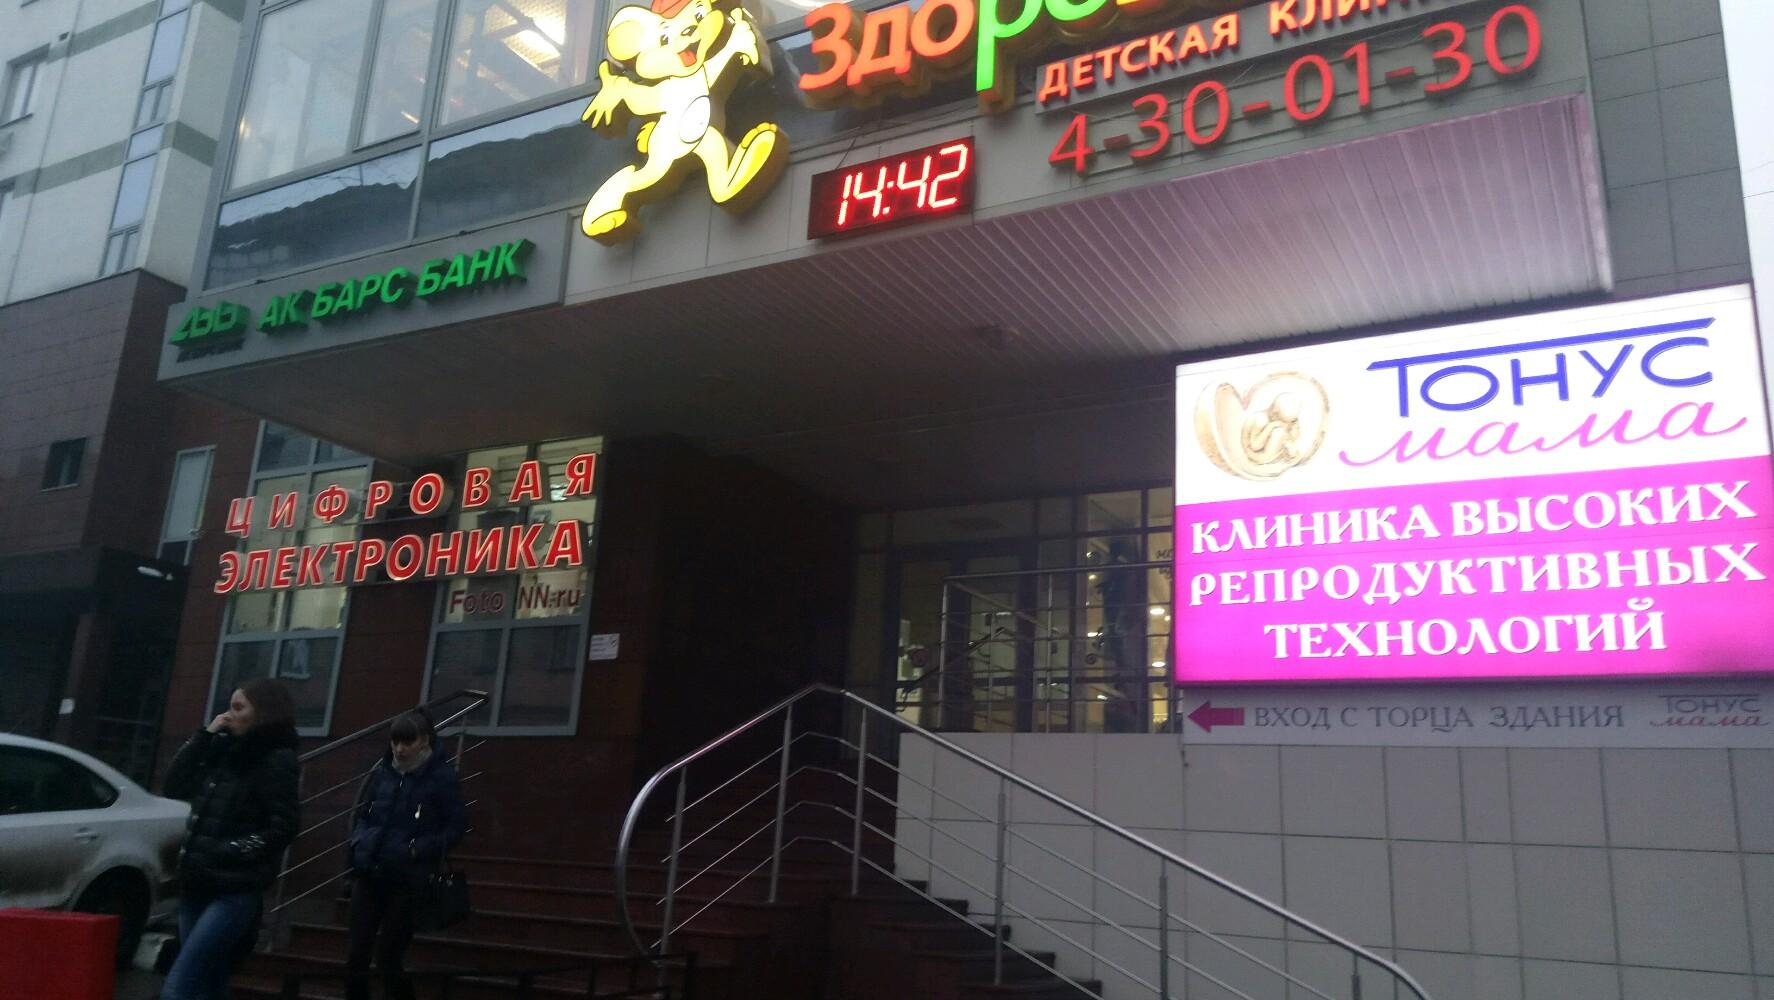 Доставка цветов нижний новгород ул воровского